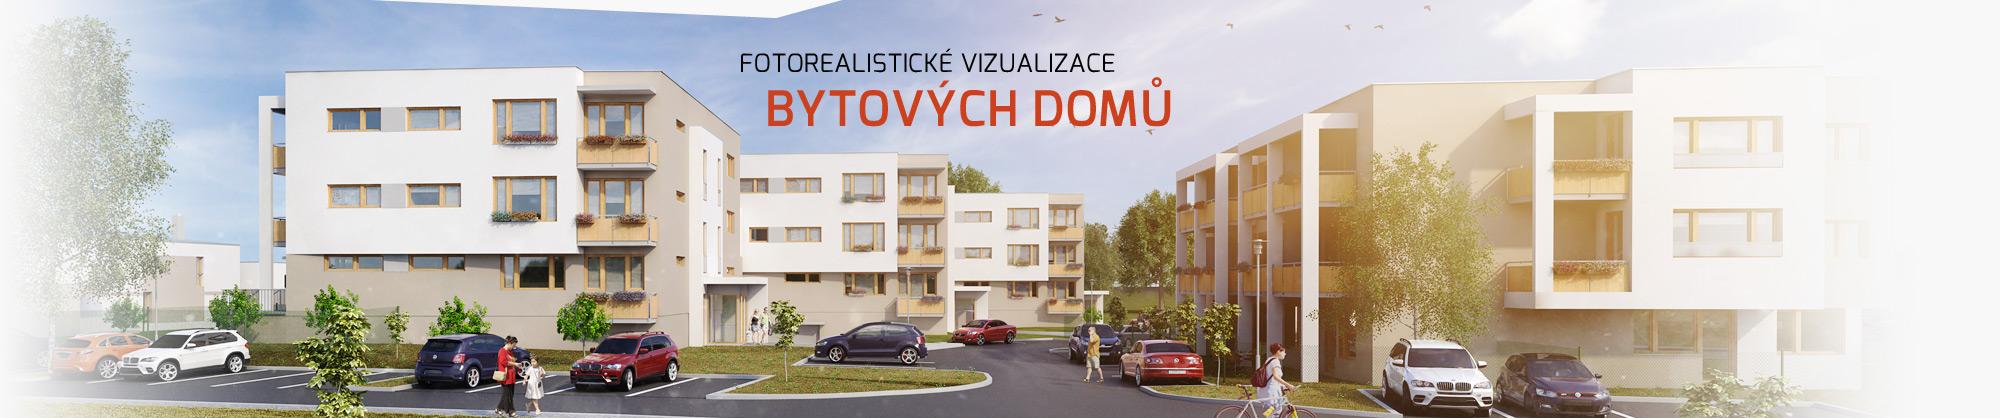 Fotorealistické 3D vizualizace bytových domů